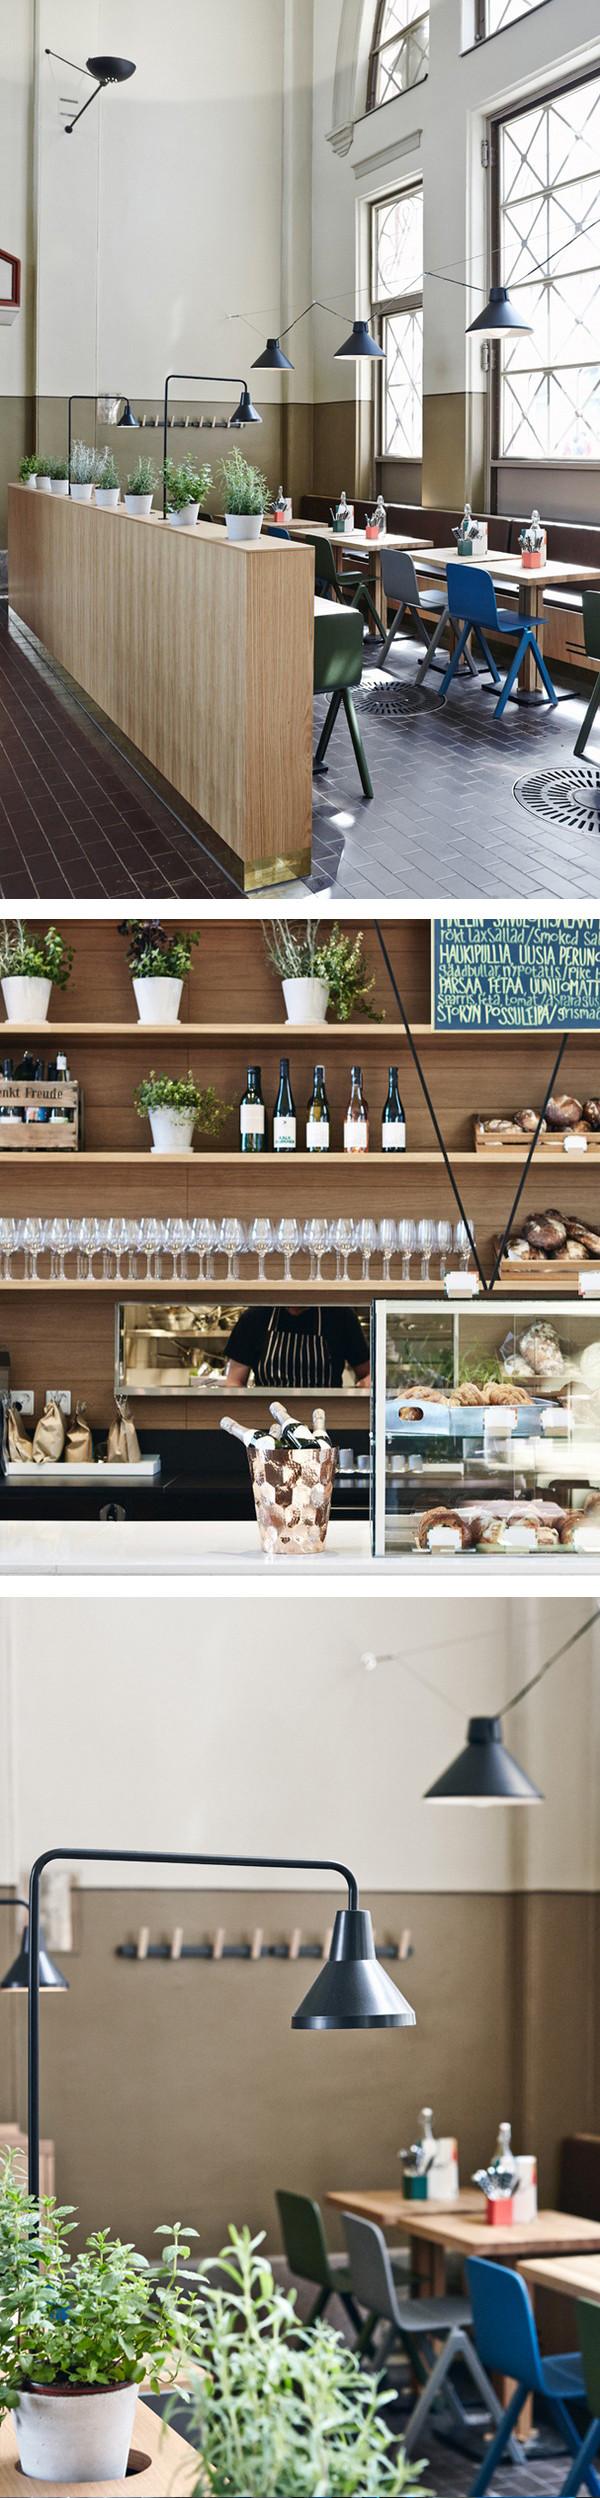 coffee place- Story, Helsinki